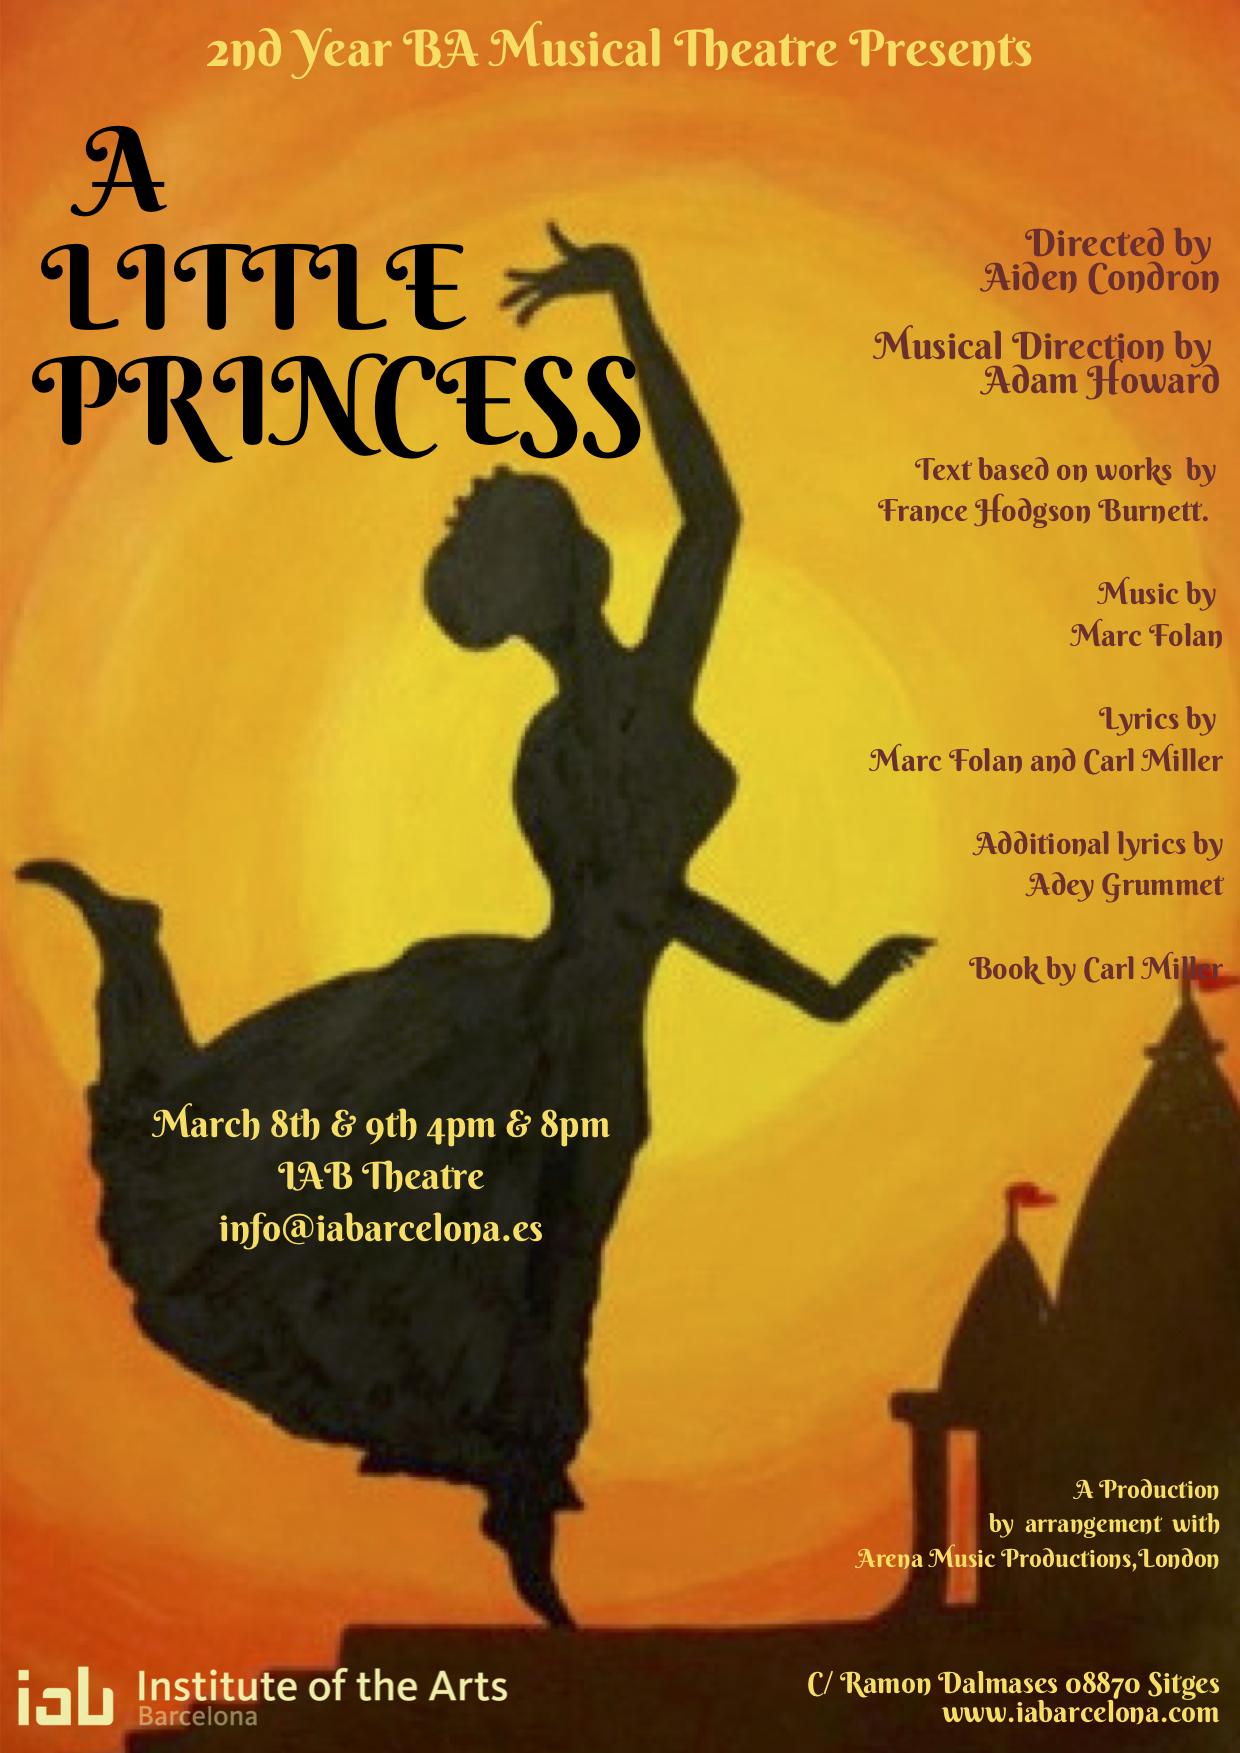 A Little Princess Poster 2.jpg